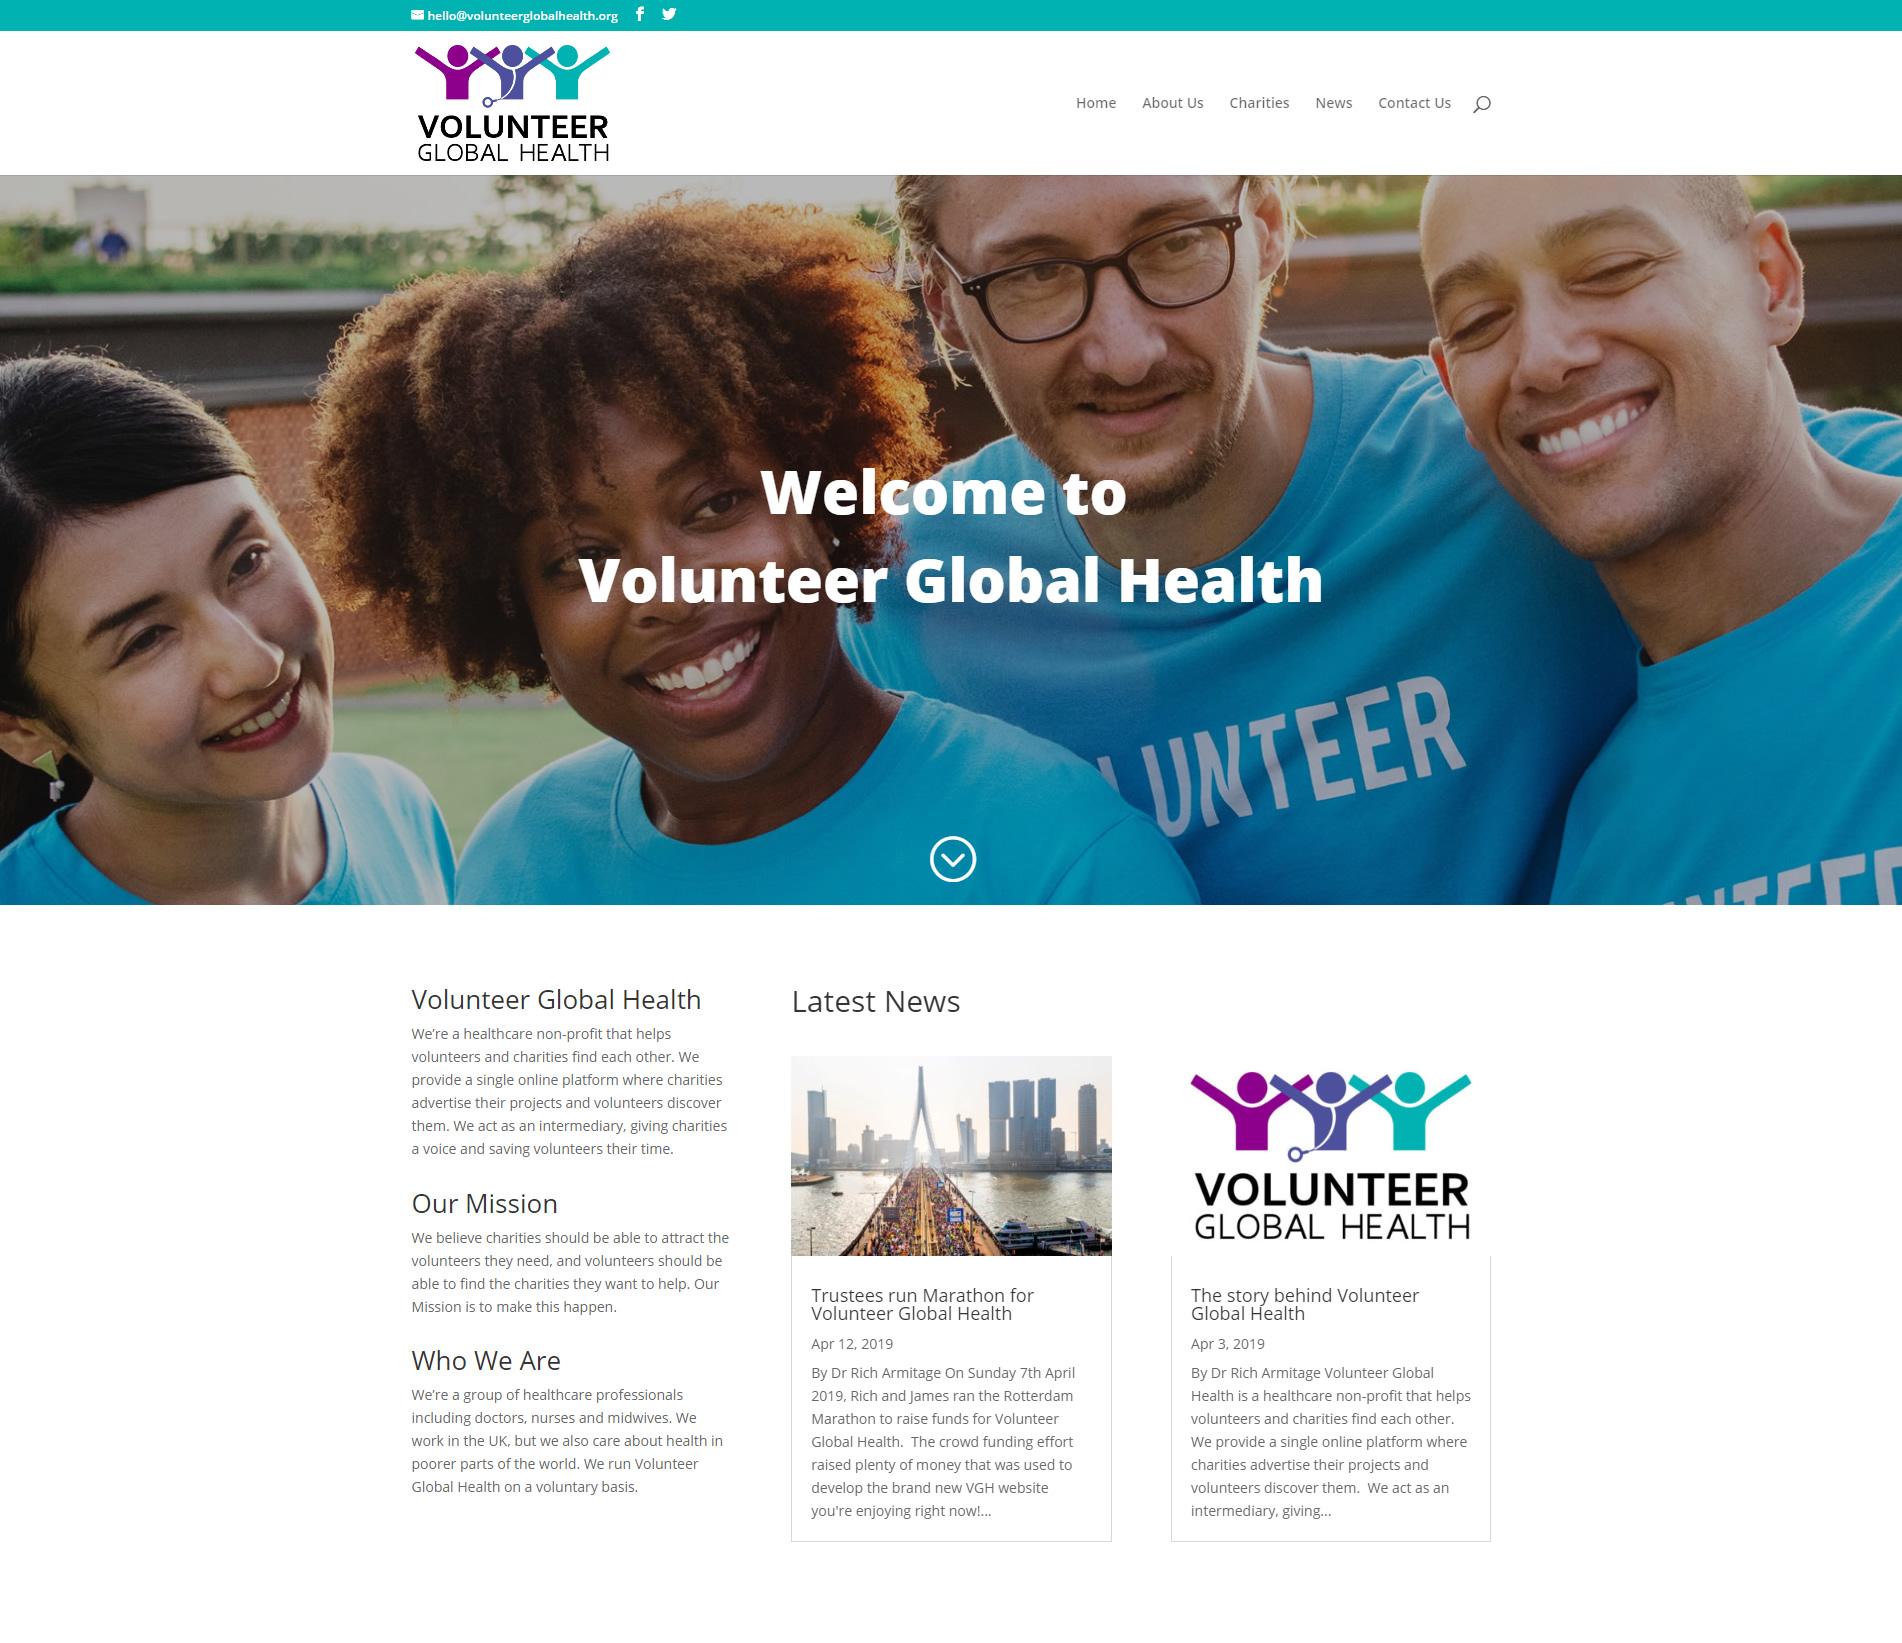 Volunteer Global Health image